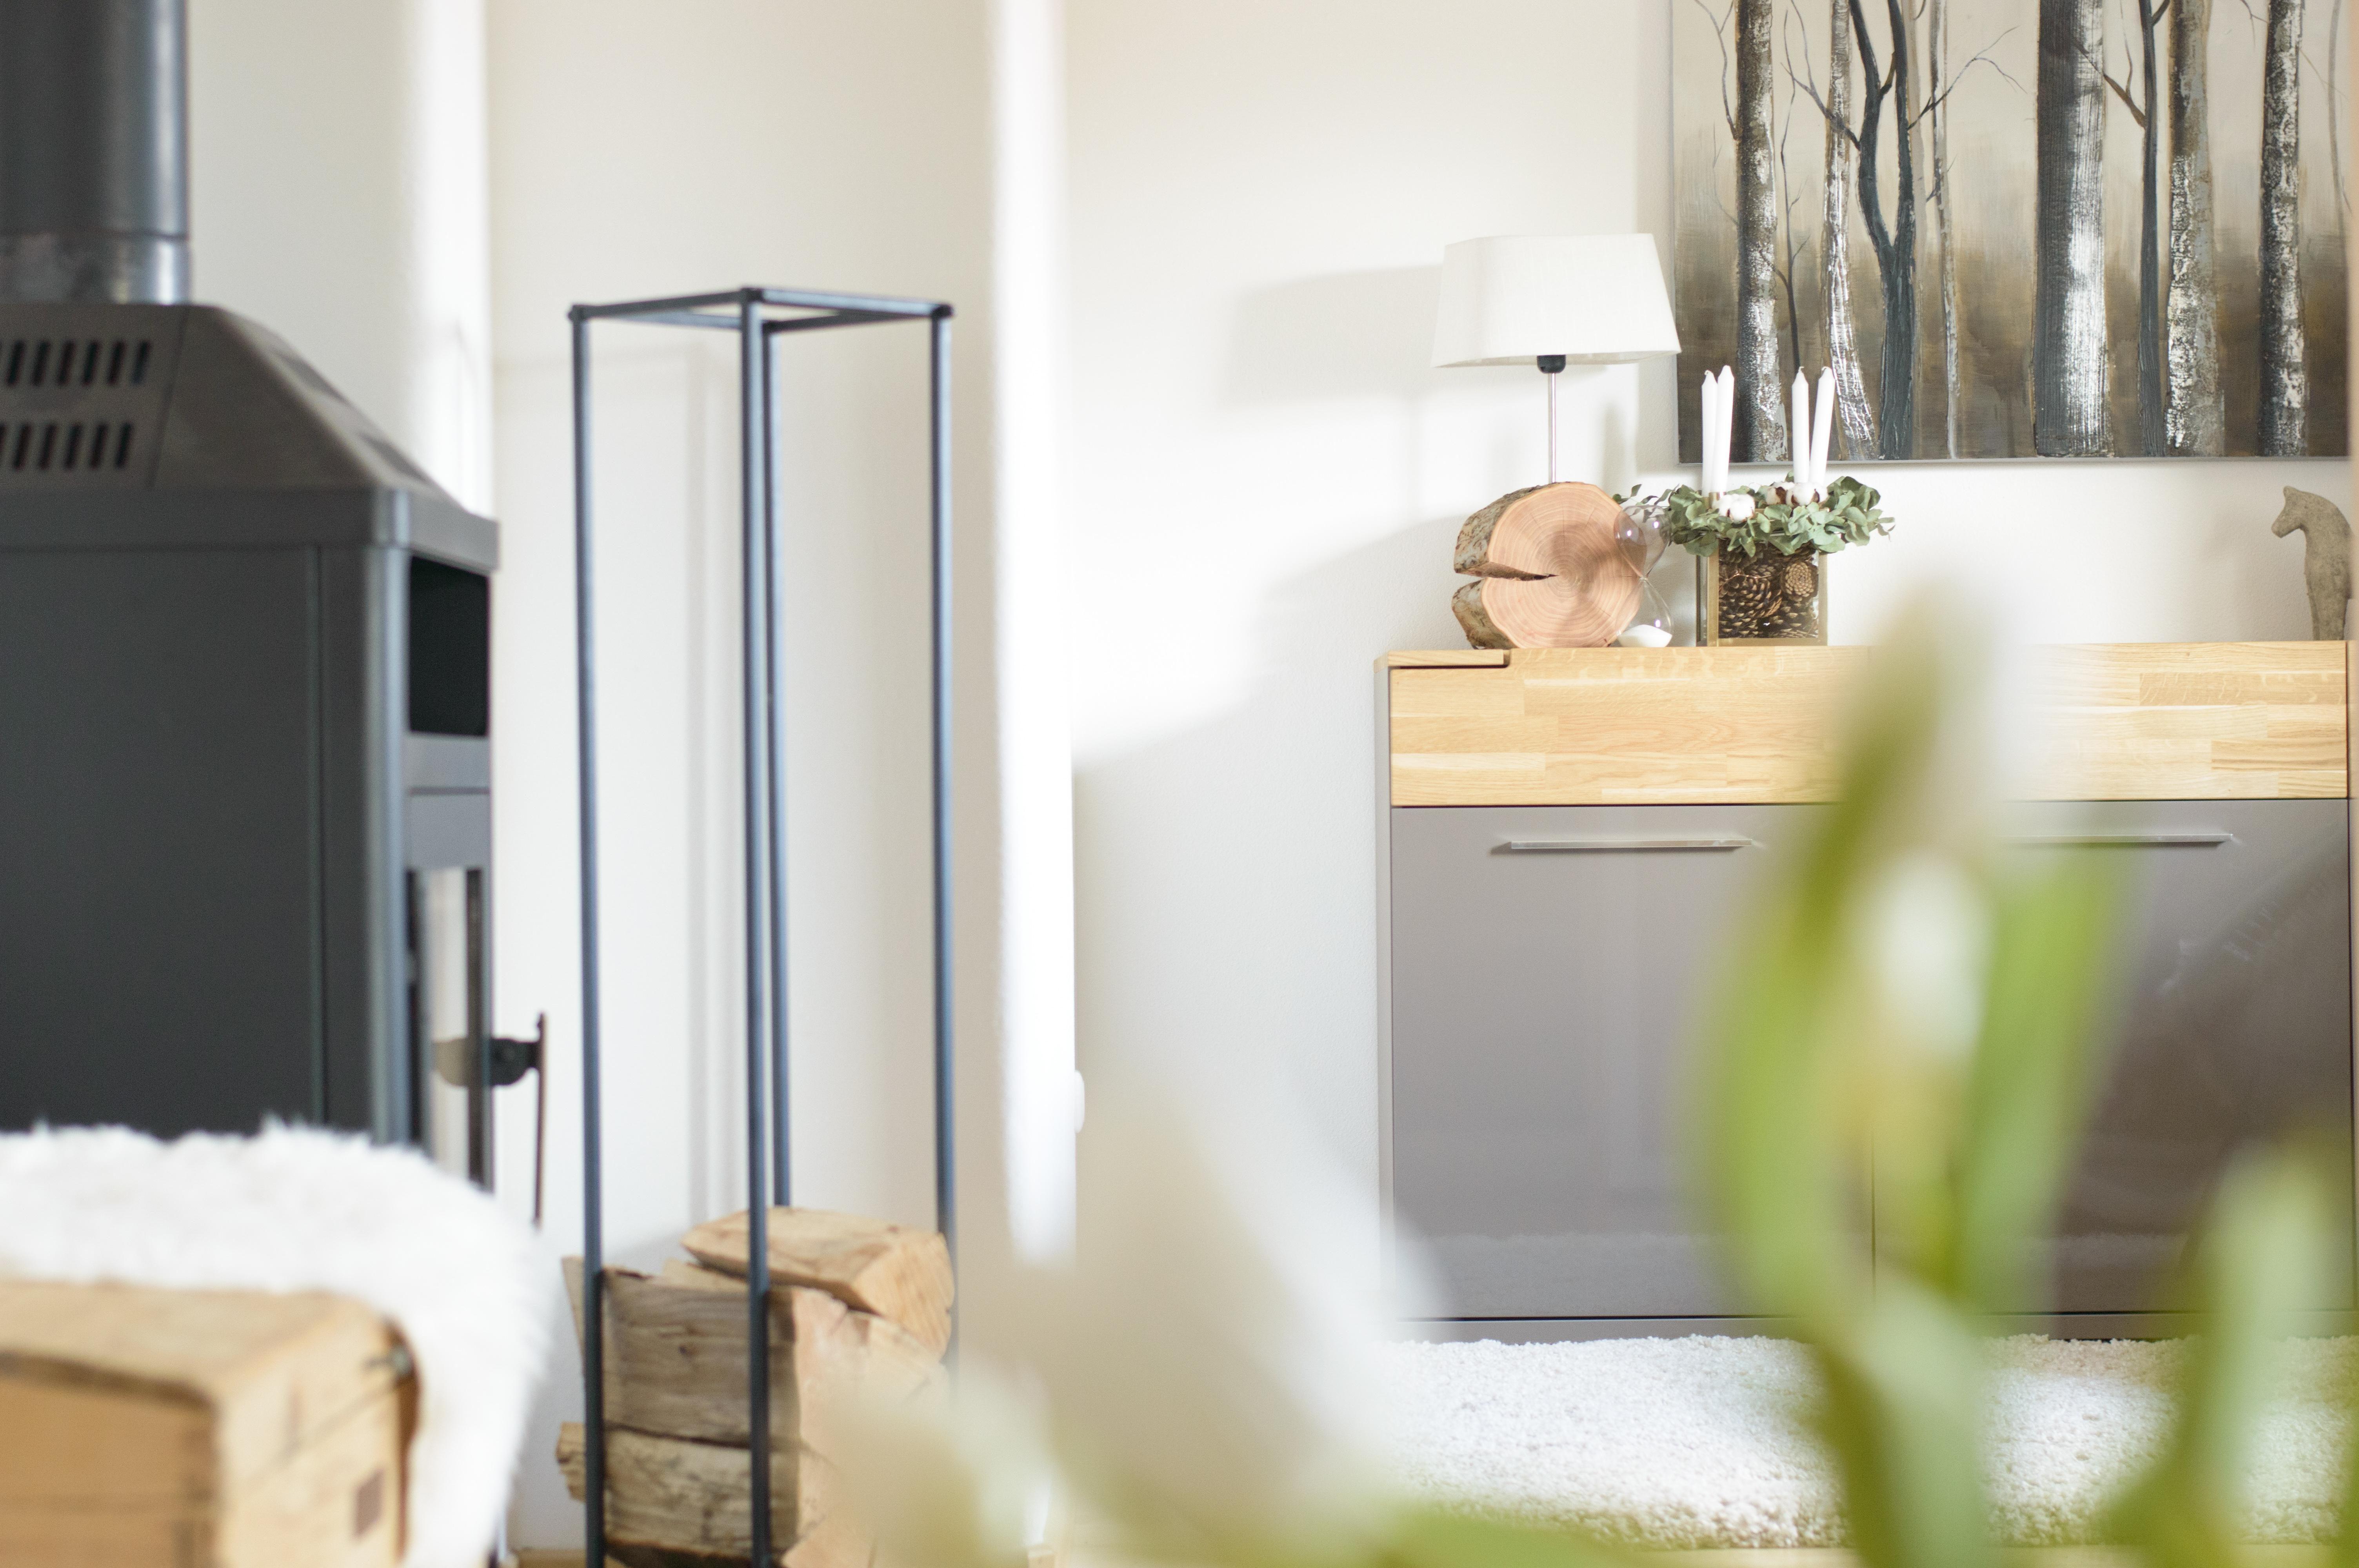 Mein Täglicher Blick Von Der #couch #wohnzimmer#wohnen #kamin #sideboard #